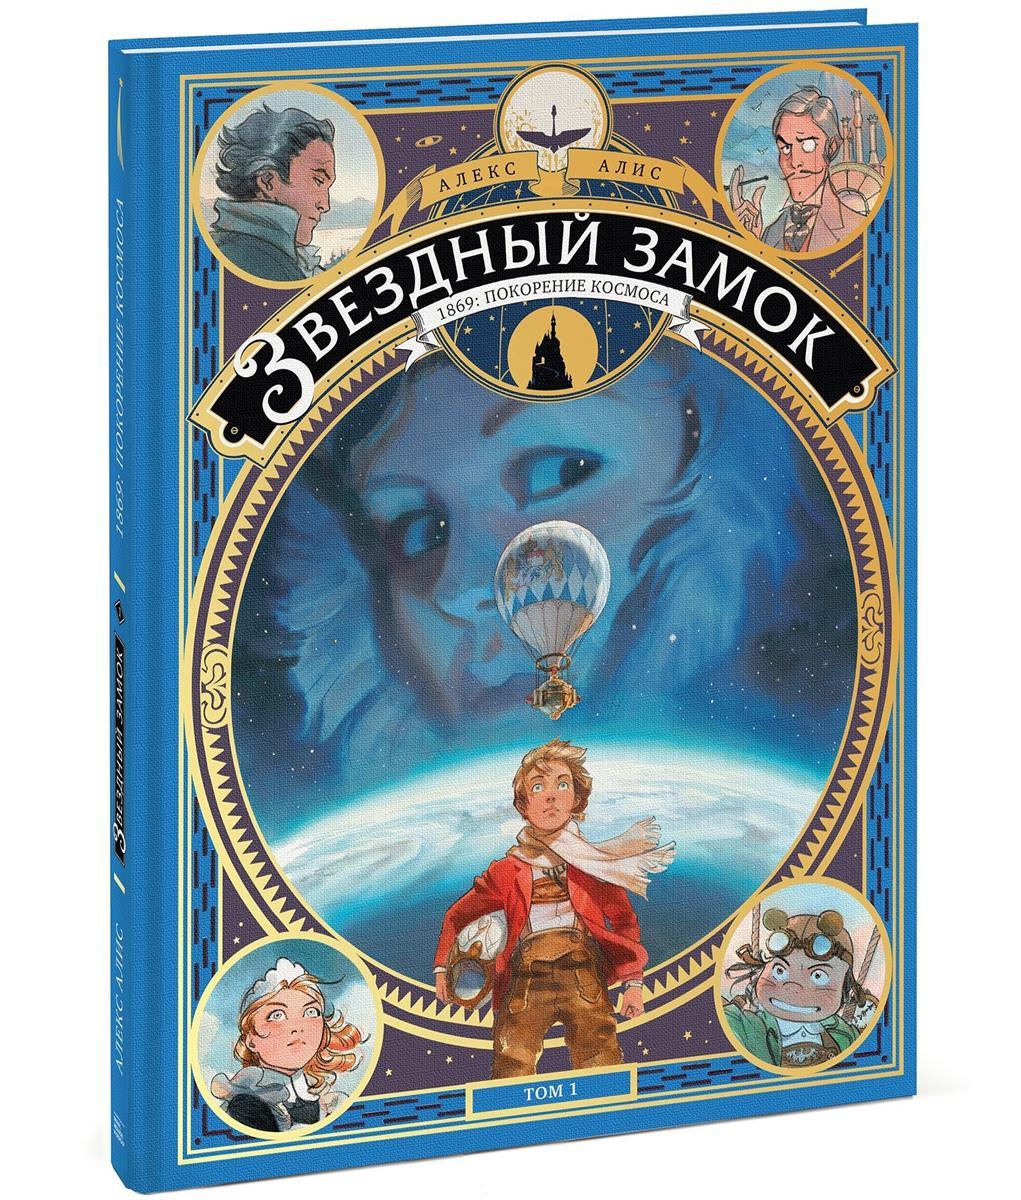 Алис А. Звездный замок. 1869: Покорение космоса. Том 1 алис а звездный замок 1869 покорение космоса том 2